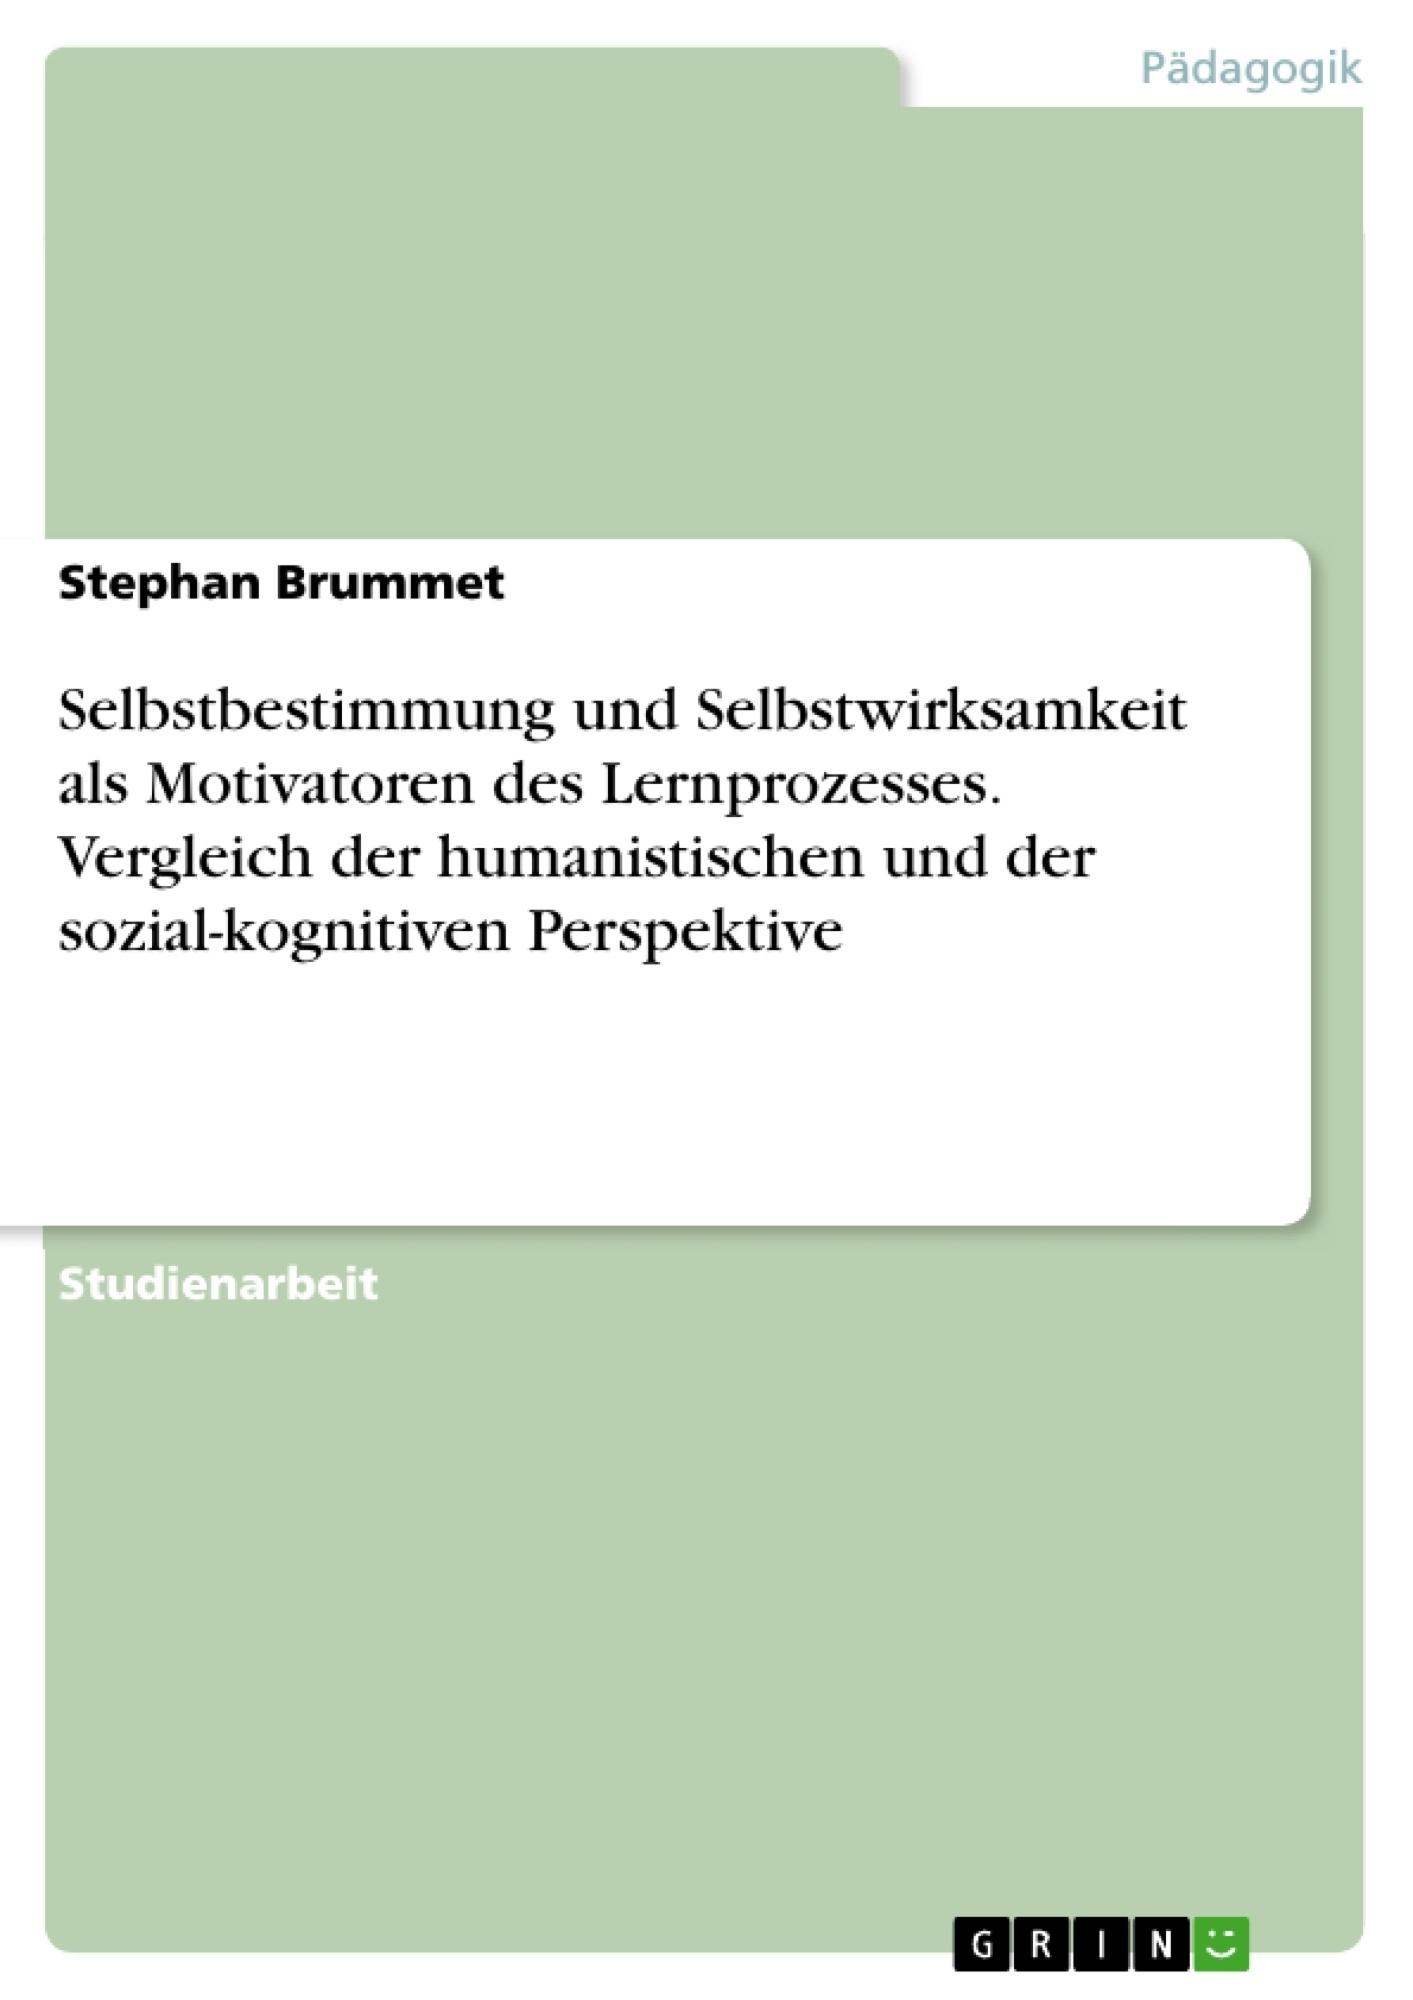 Titel: Selbstbestimmung und Selbstwirksamkeit als Motivatoren des Lernprozesses. Vergleich der humanistischen und der sozial-kognitiven Perspektive